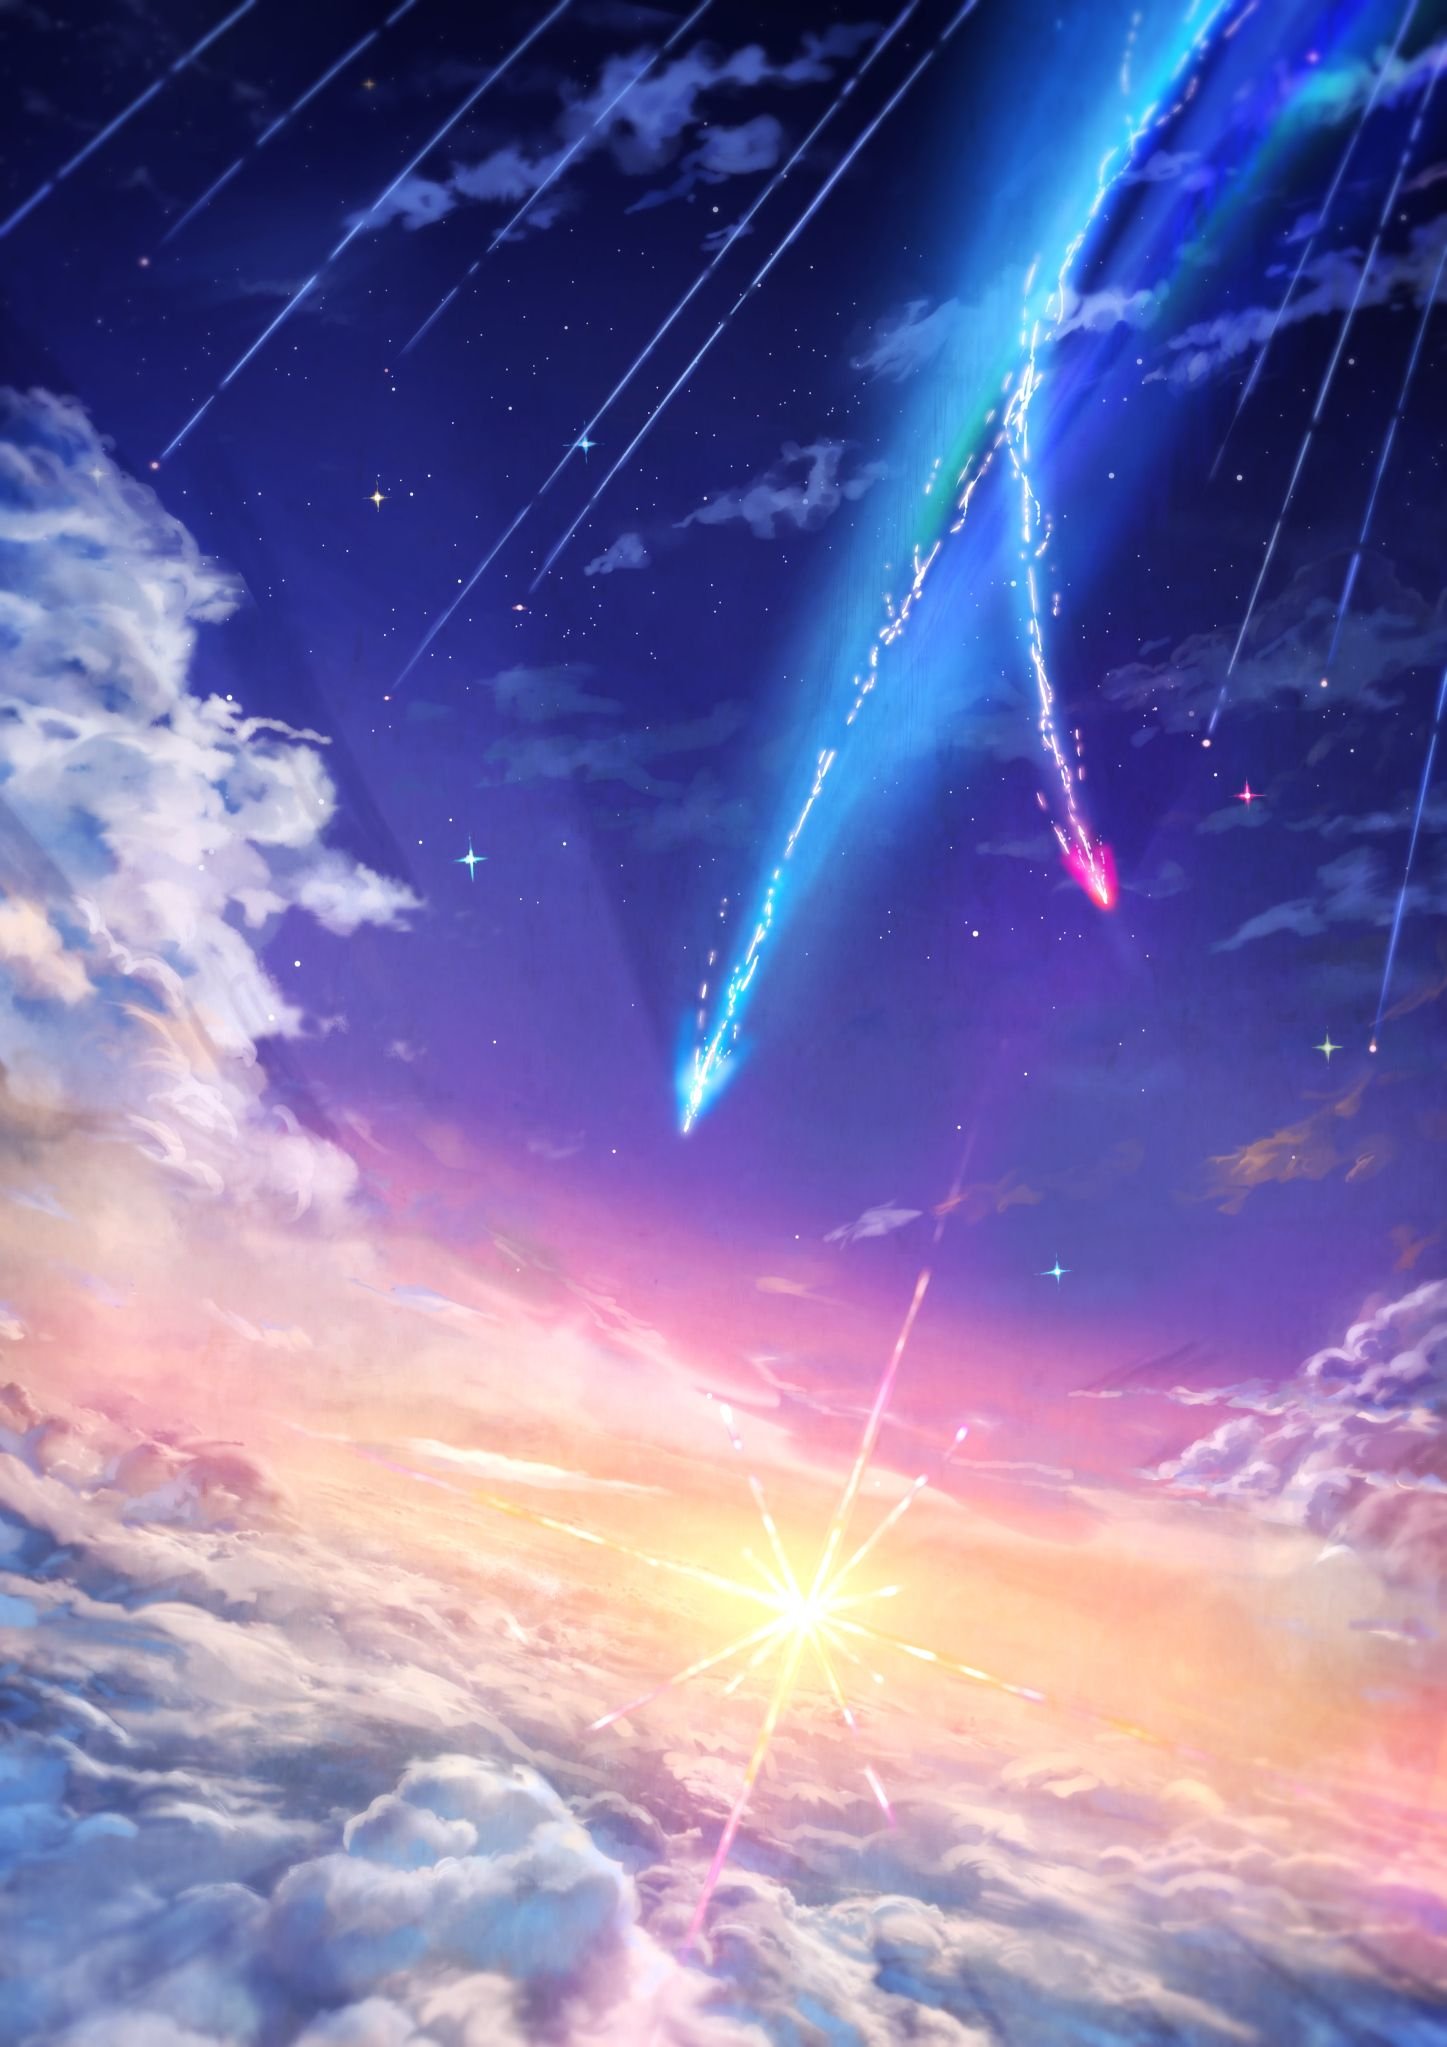 Artist Pixiv Id 1086111 Kimi no Na wa. 밤하늘 그림, 밤하늘, 배경